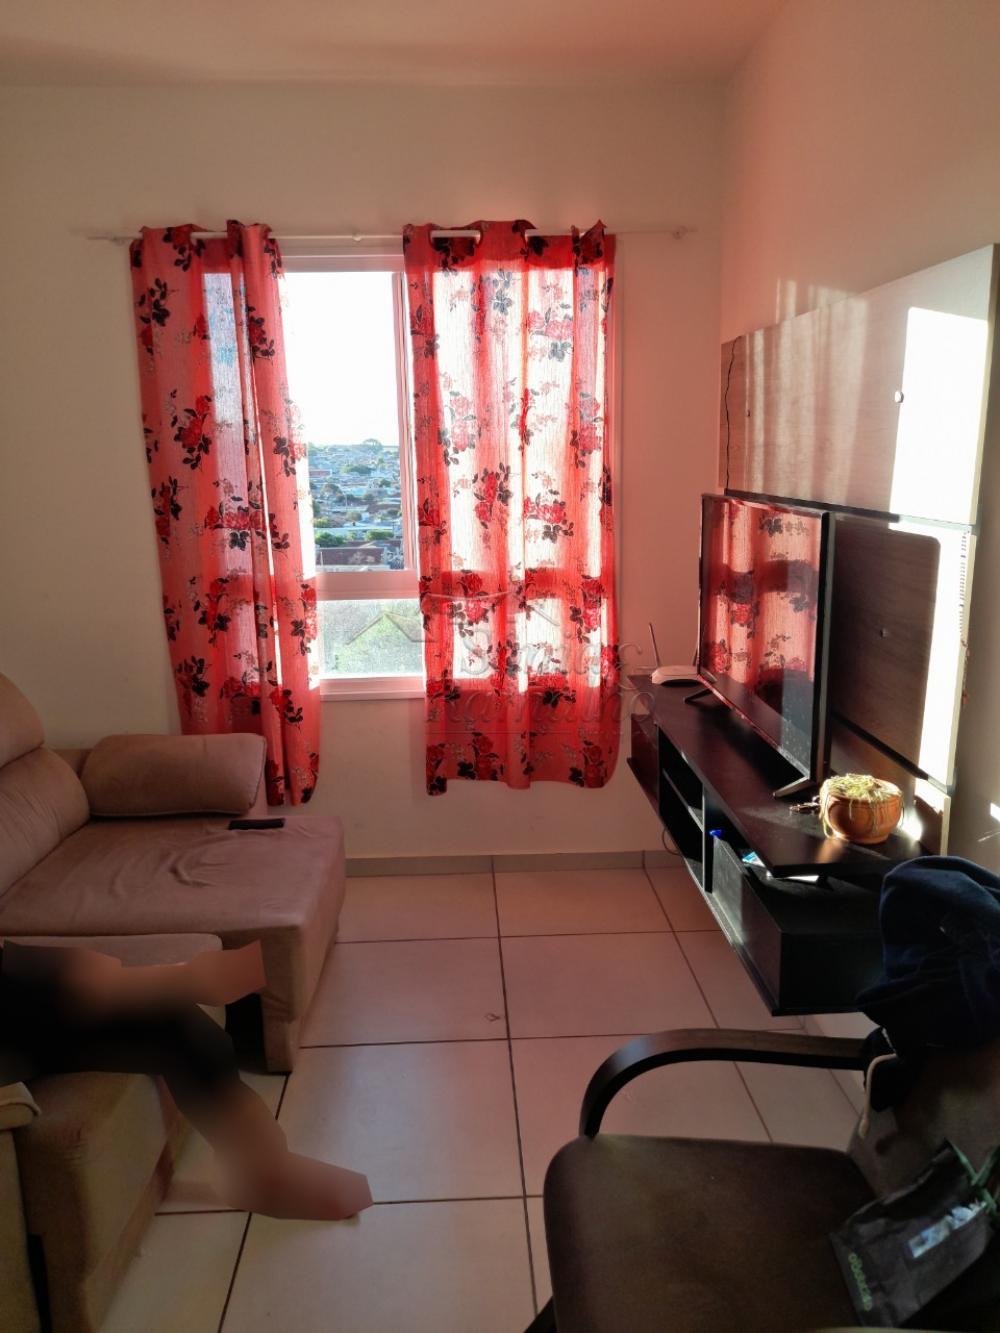 Comprar Apartamentos / Padrão em Ribeirão Preto R$ 265.000,00 - Foto 2